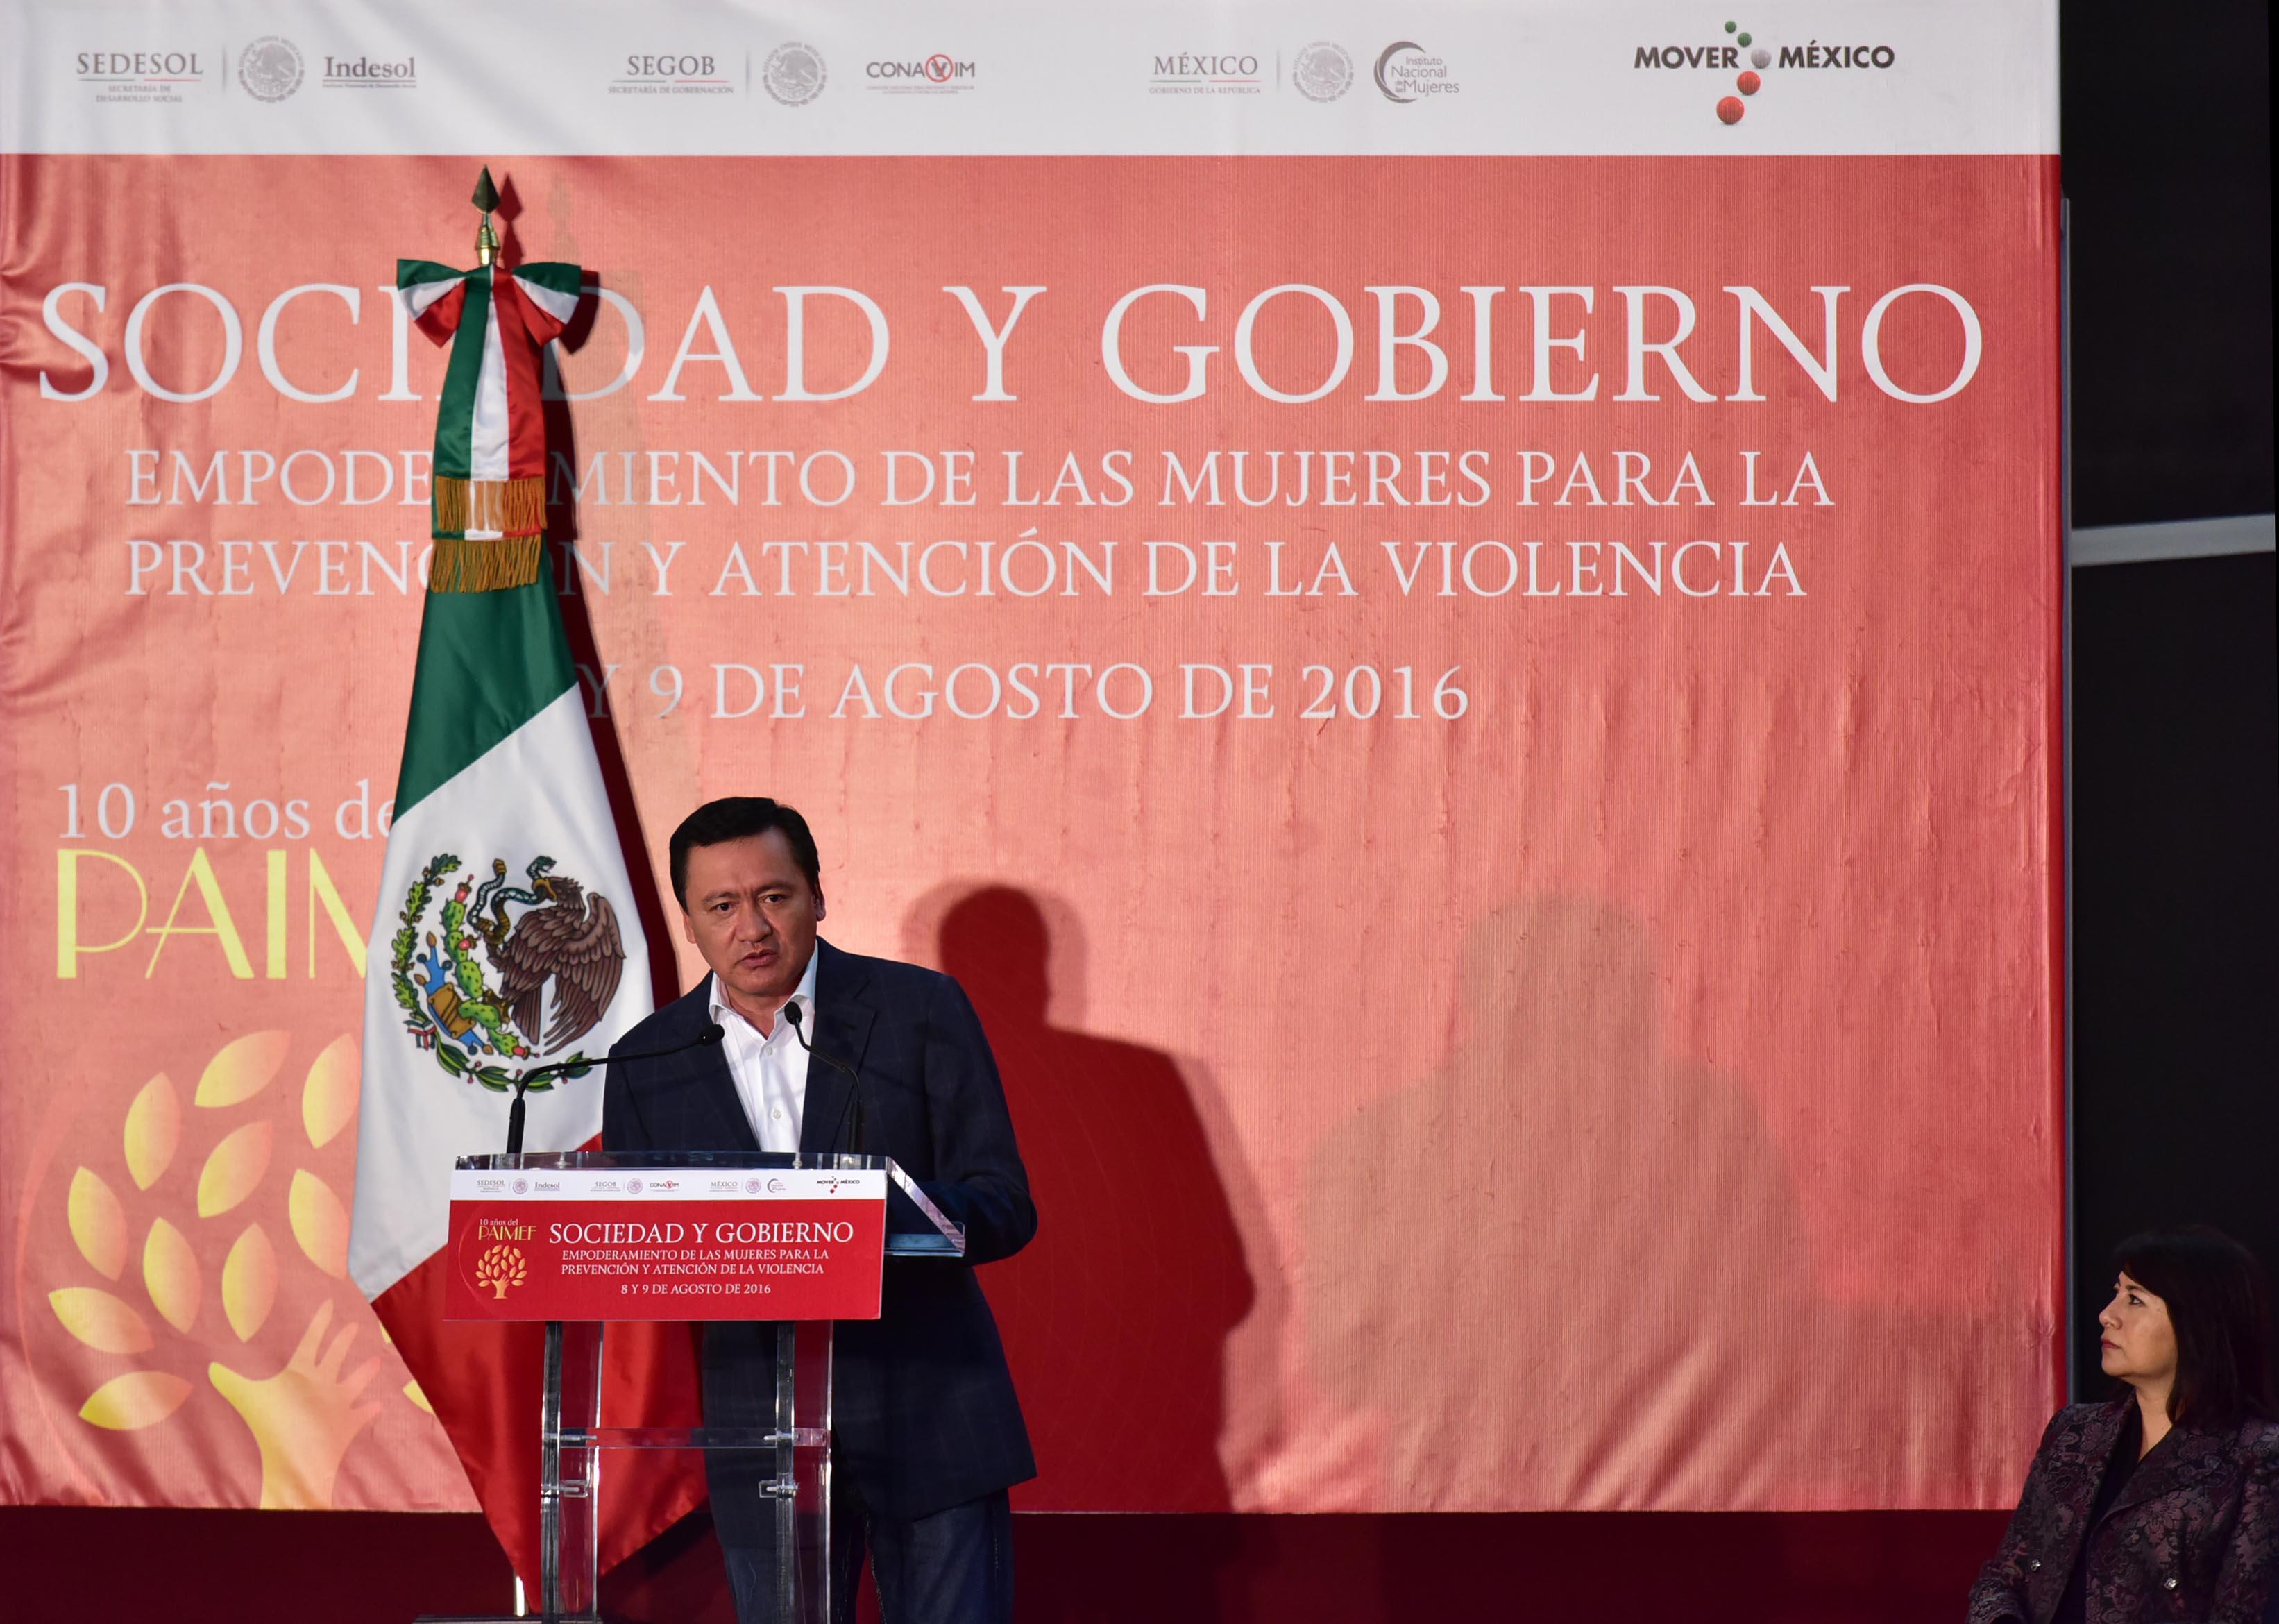 El Secretario de Gobernación, Miguel Ángel Osorio Chong, durante la clausura del foro Sociedad y Gobierno: Empoderamiento de las Mujeres para la Prevención.